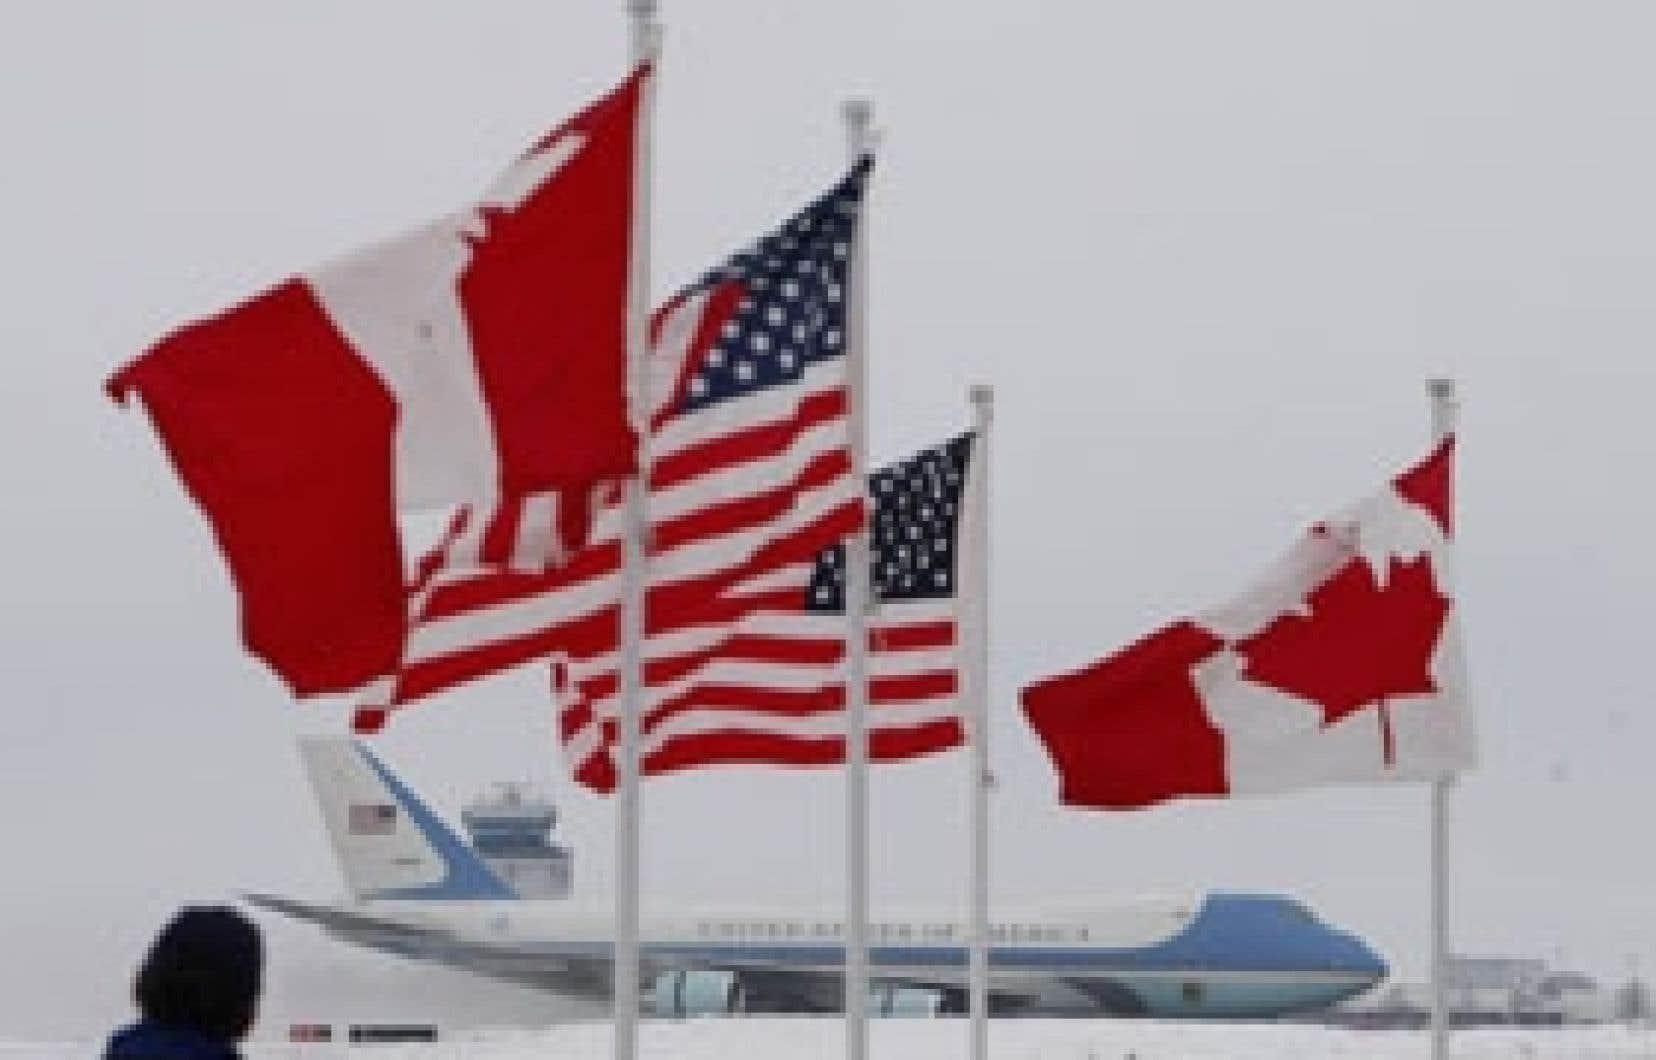 L'avion présidentiel américain s'est posé à Ottawa sans incident, mais la veille, l'armée de l'air canadienne avait pris en chasse un bombardier russe au-dessus de l'Arctique.